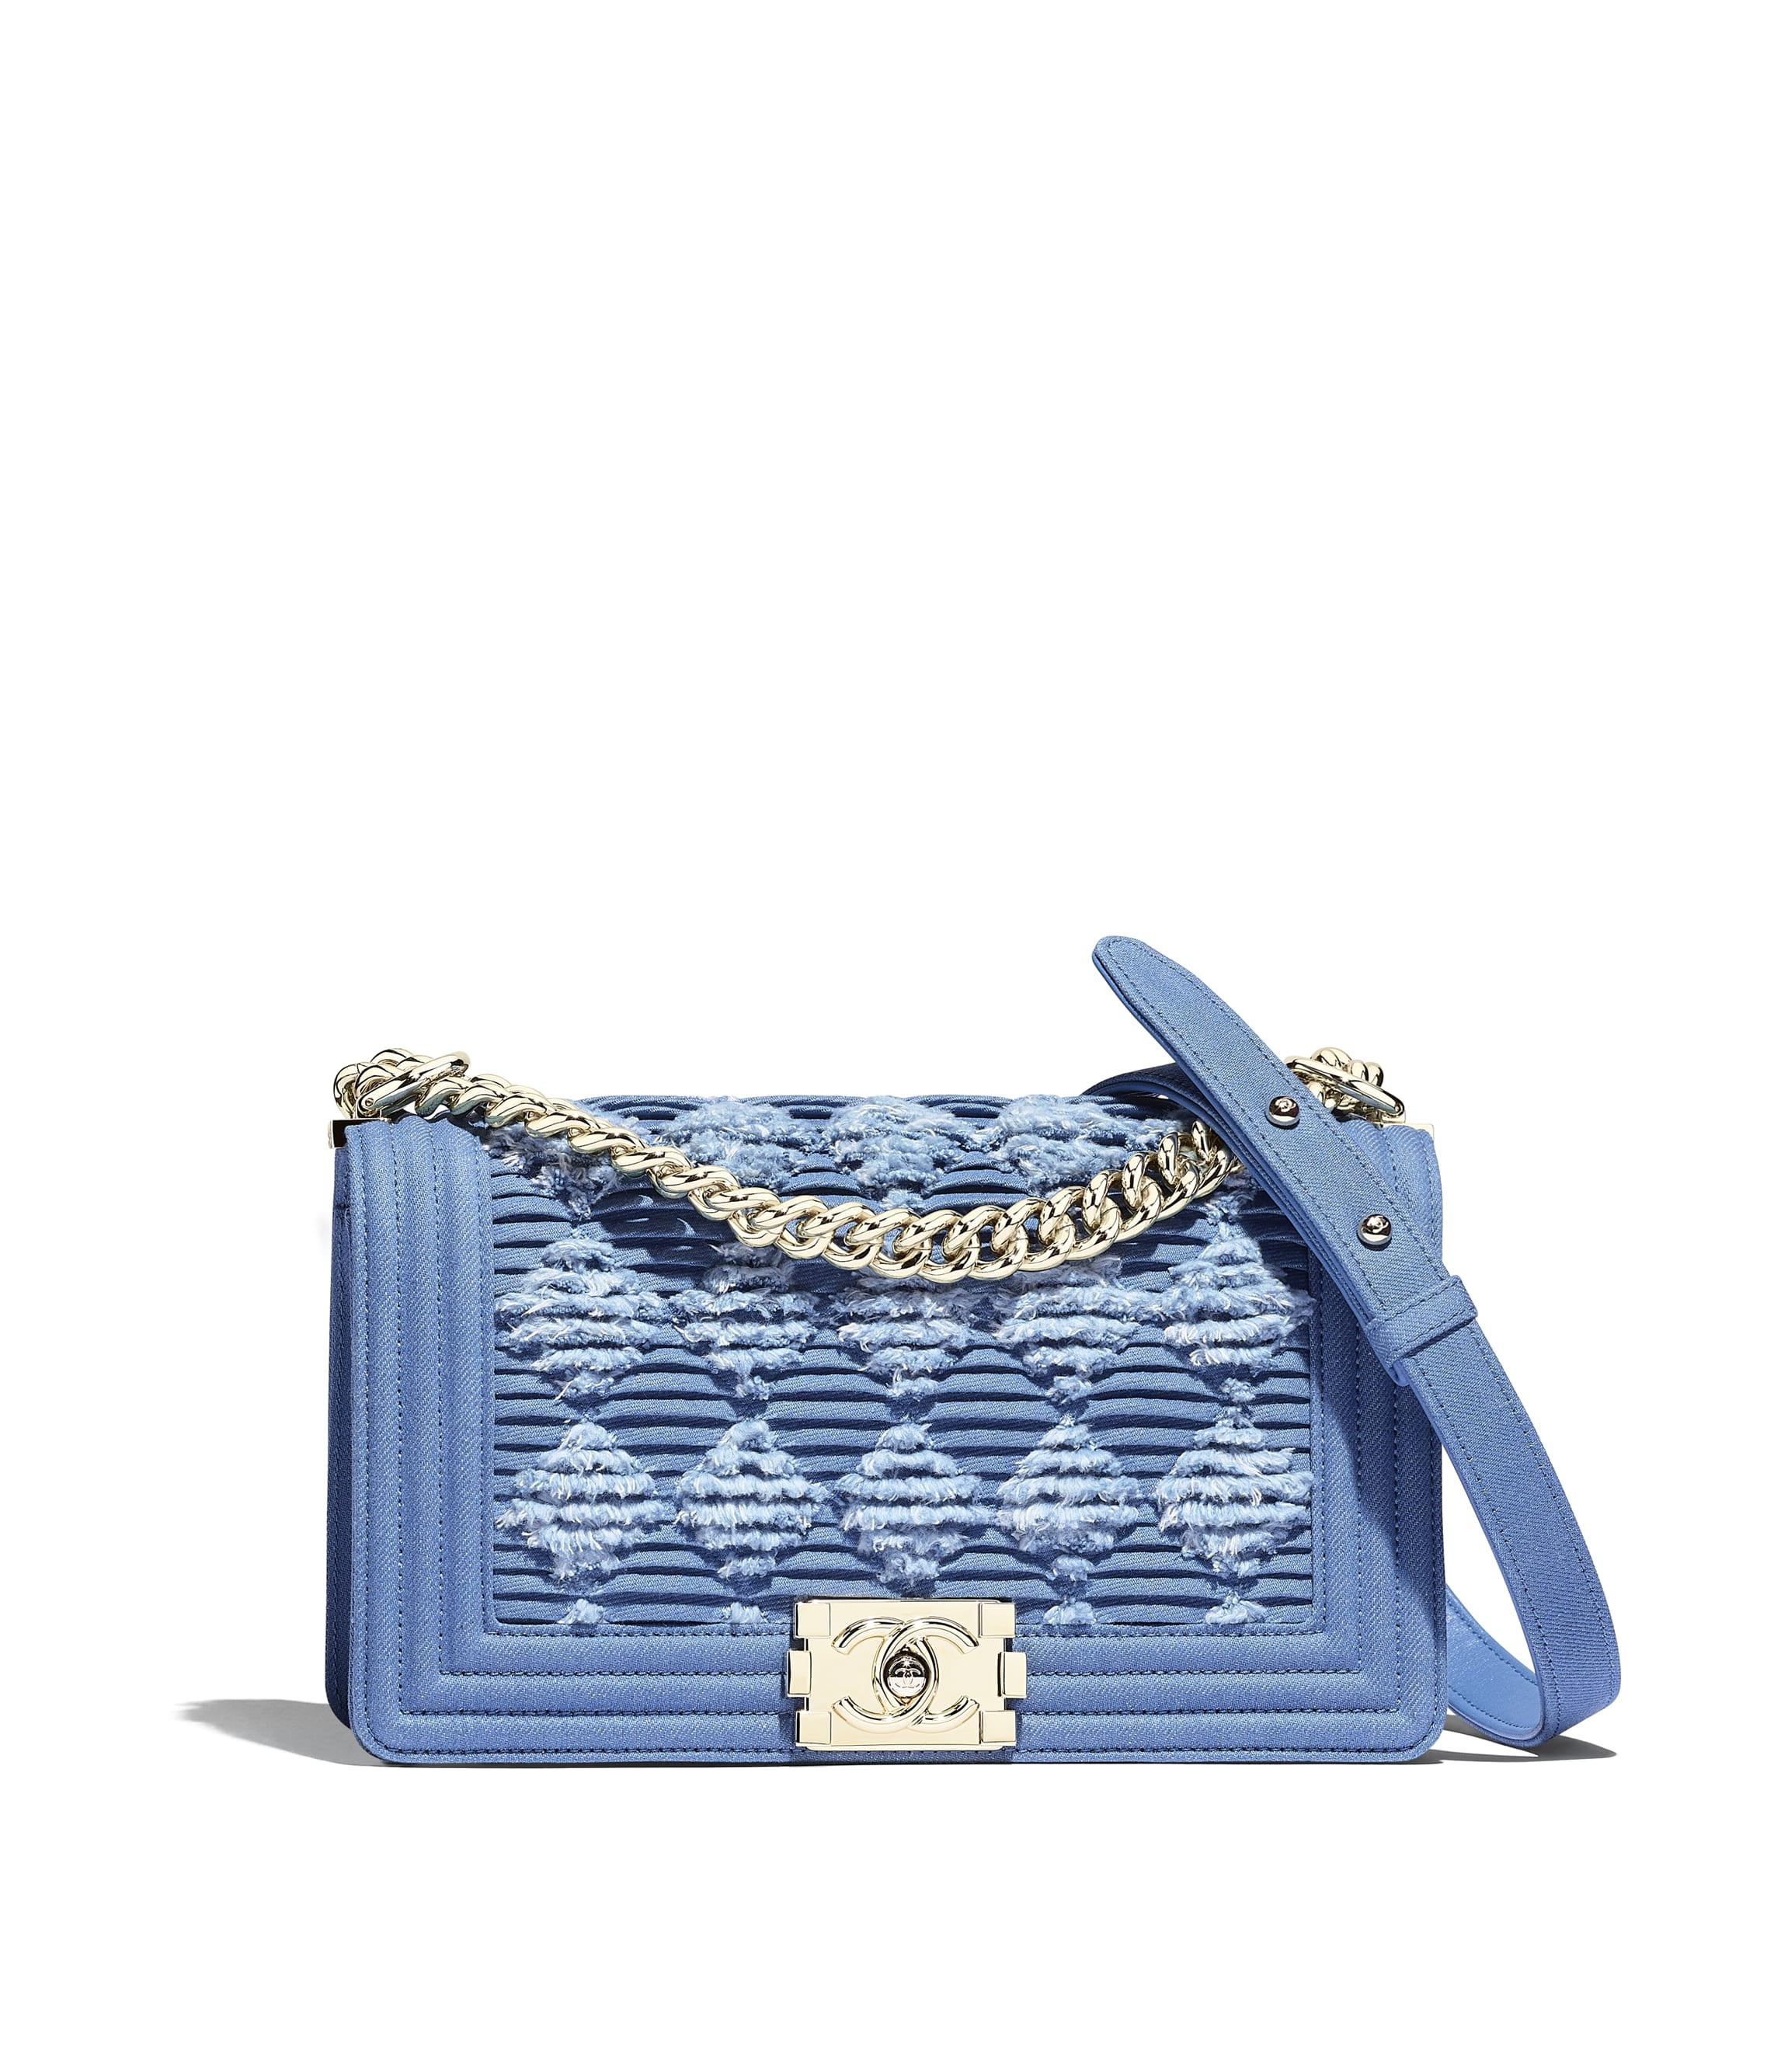 54b18dd1202 BOY CHANEL - Handbags - CHANEL